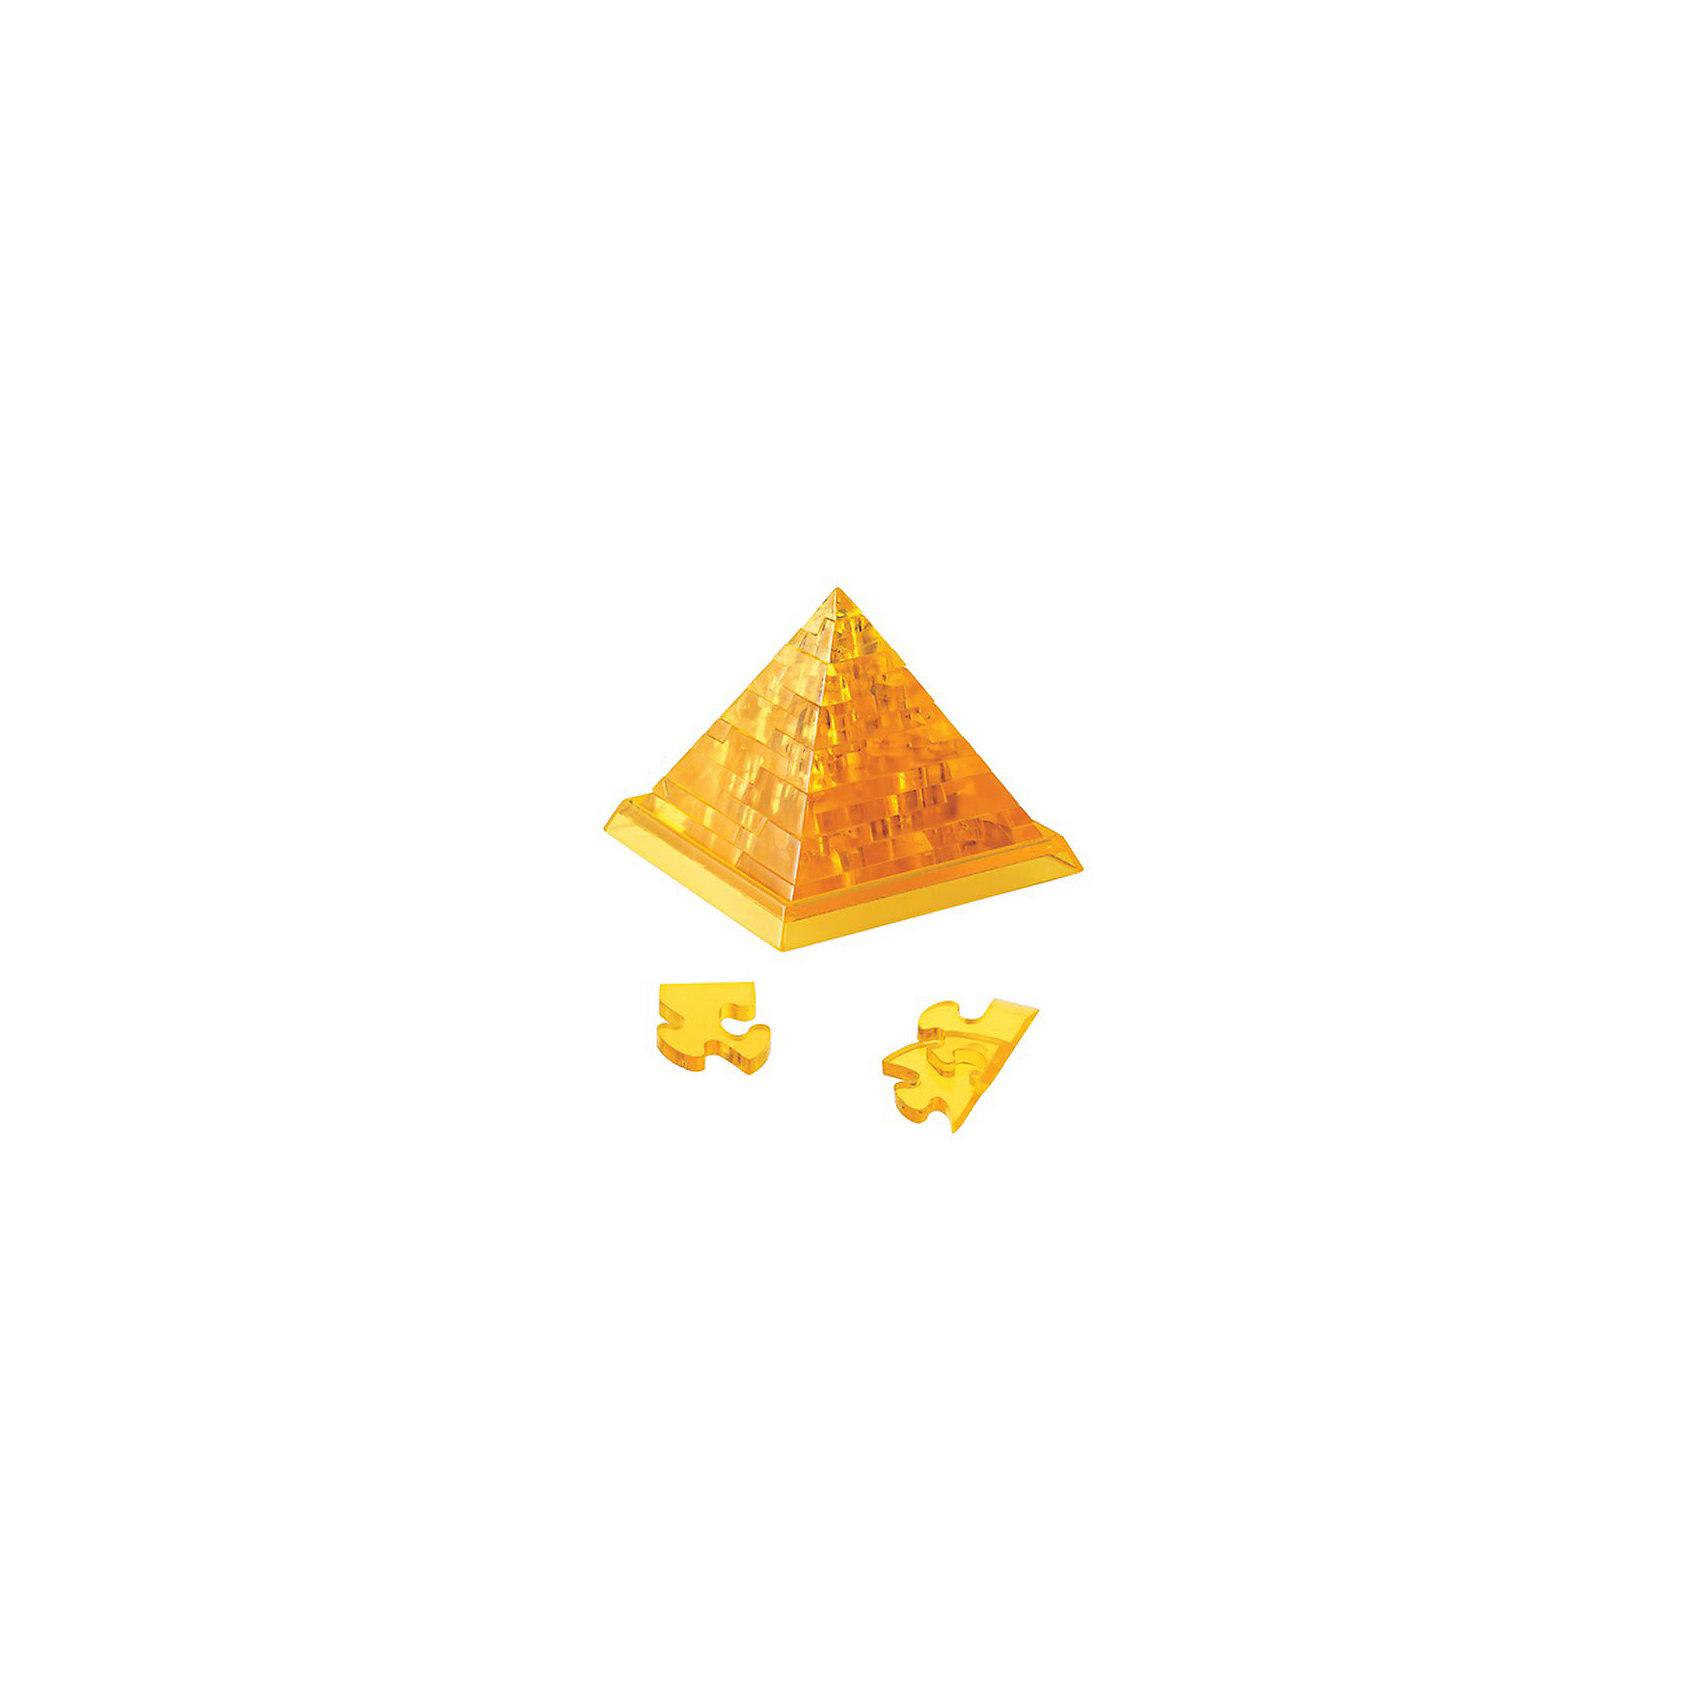 Кристаллический пазл 3D Пирамида L, CreativeStudioОбъемные головоломки воплощают в себе удачное сочетание тренажера для ума и приятного подарка близким, ведь процесс сборки 3D пазлов развивает пространственное мышление, память, логику и внимательность, а полученную в результате вещицу можно преподнести в качестве небольшого сувенира.<br><br>Ширина мм: 180<br>Глубина мм: 40<br>Высота мм: 135<br>Вес г: 178<br>Возраст от месяцев: 36<br>Возраст до месяцев: 1188<br>Пол: Унисекс<br>Возраст: Детский<br>SKU: 3164122